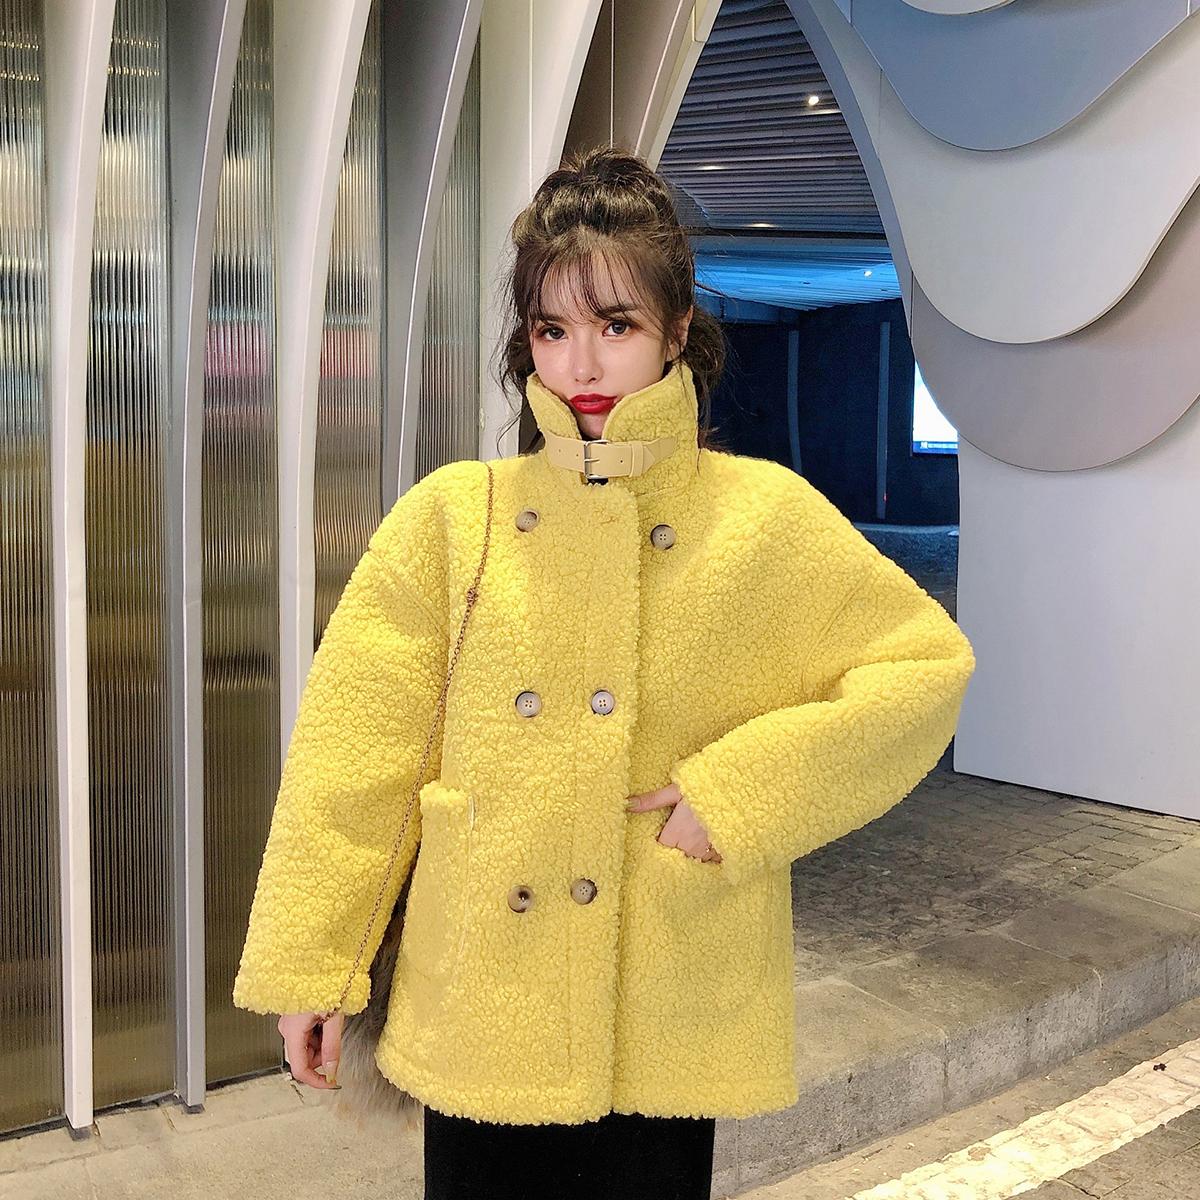 实拍现货冬季新款加厚羊羔毛外套女皮毛一体棉服大衣保暖短款上衣 -